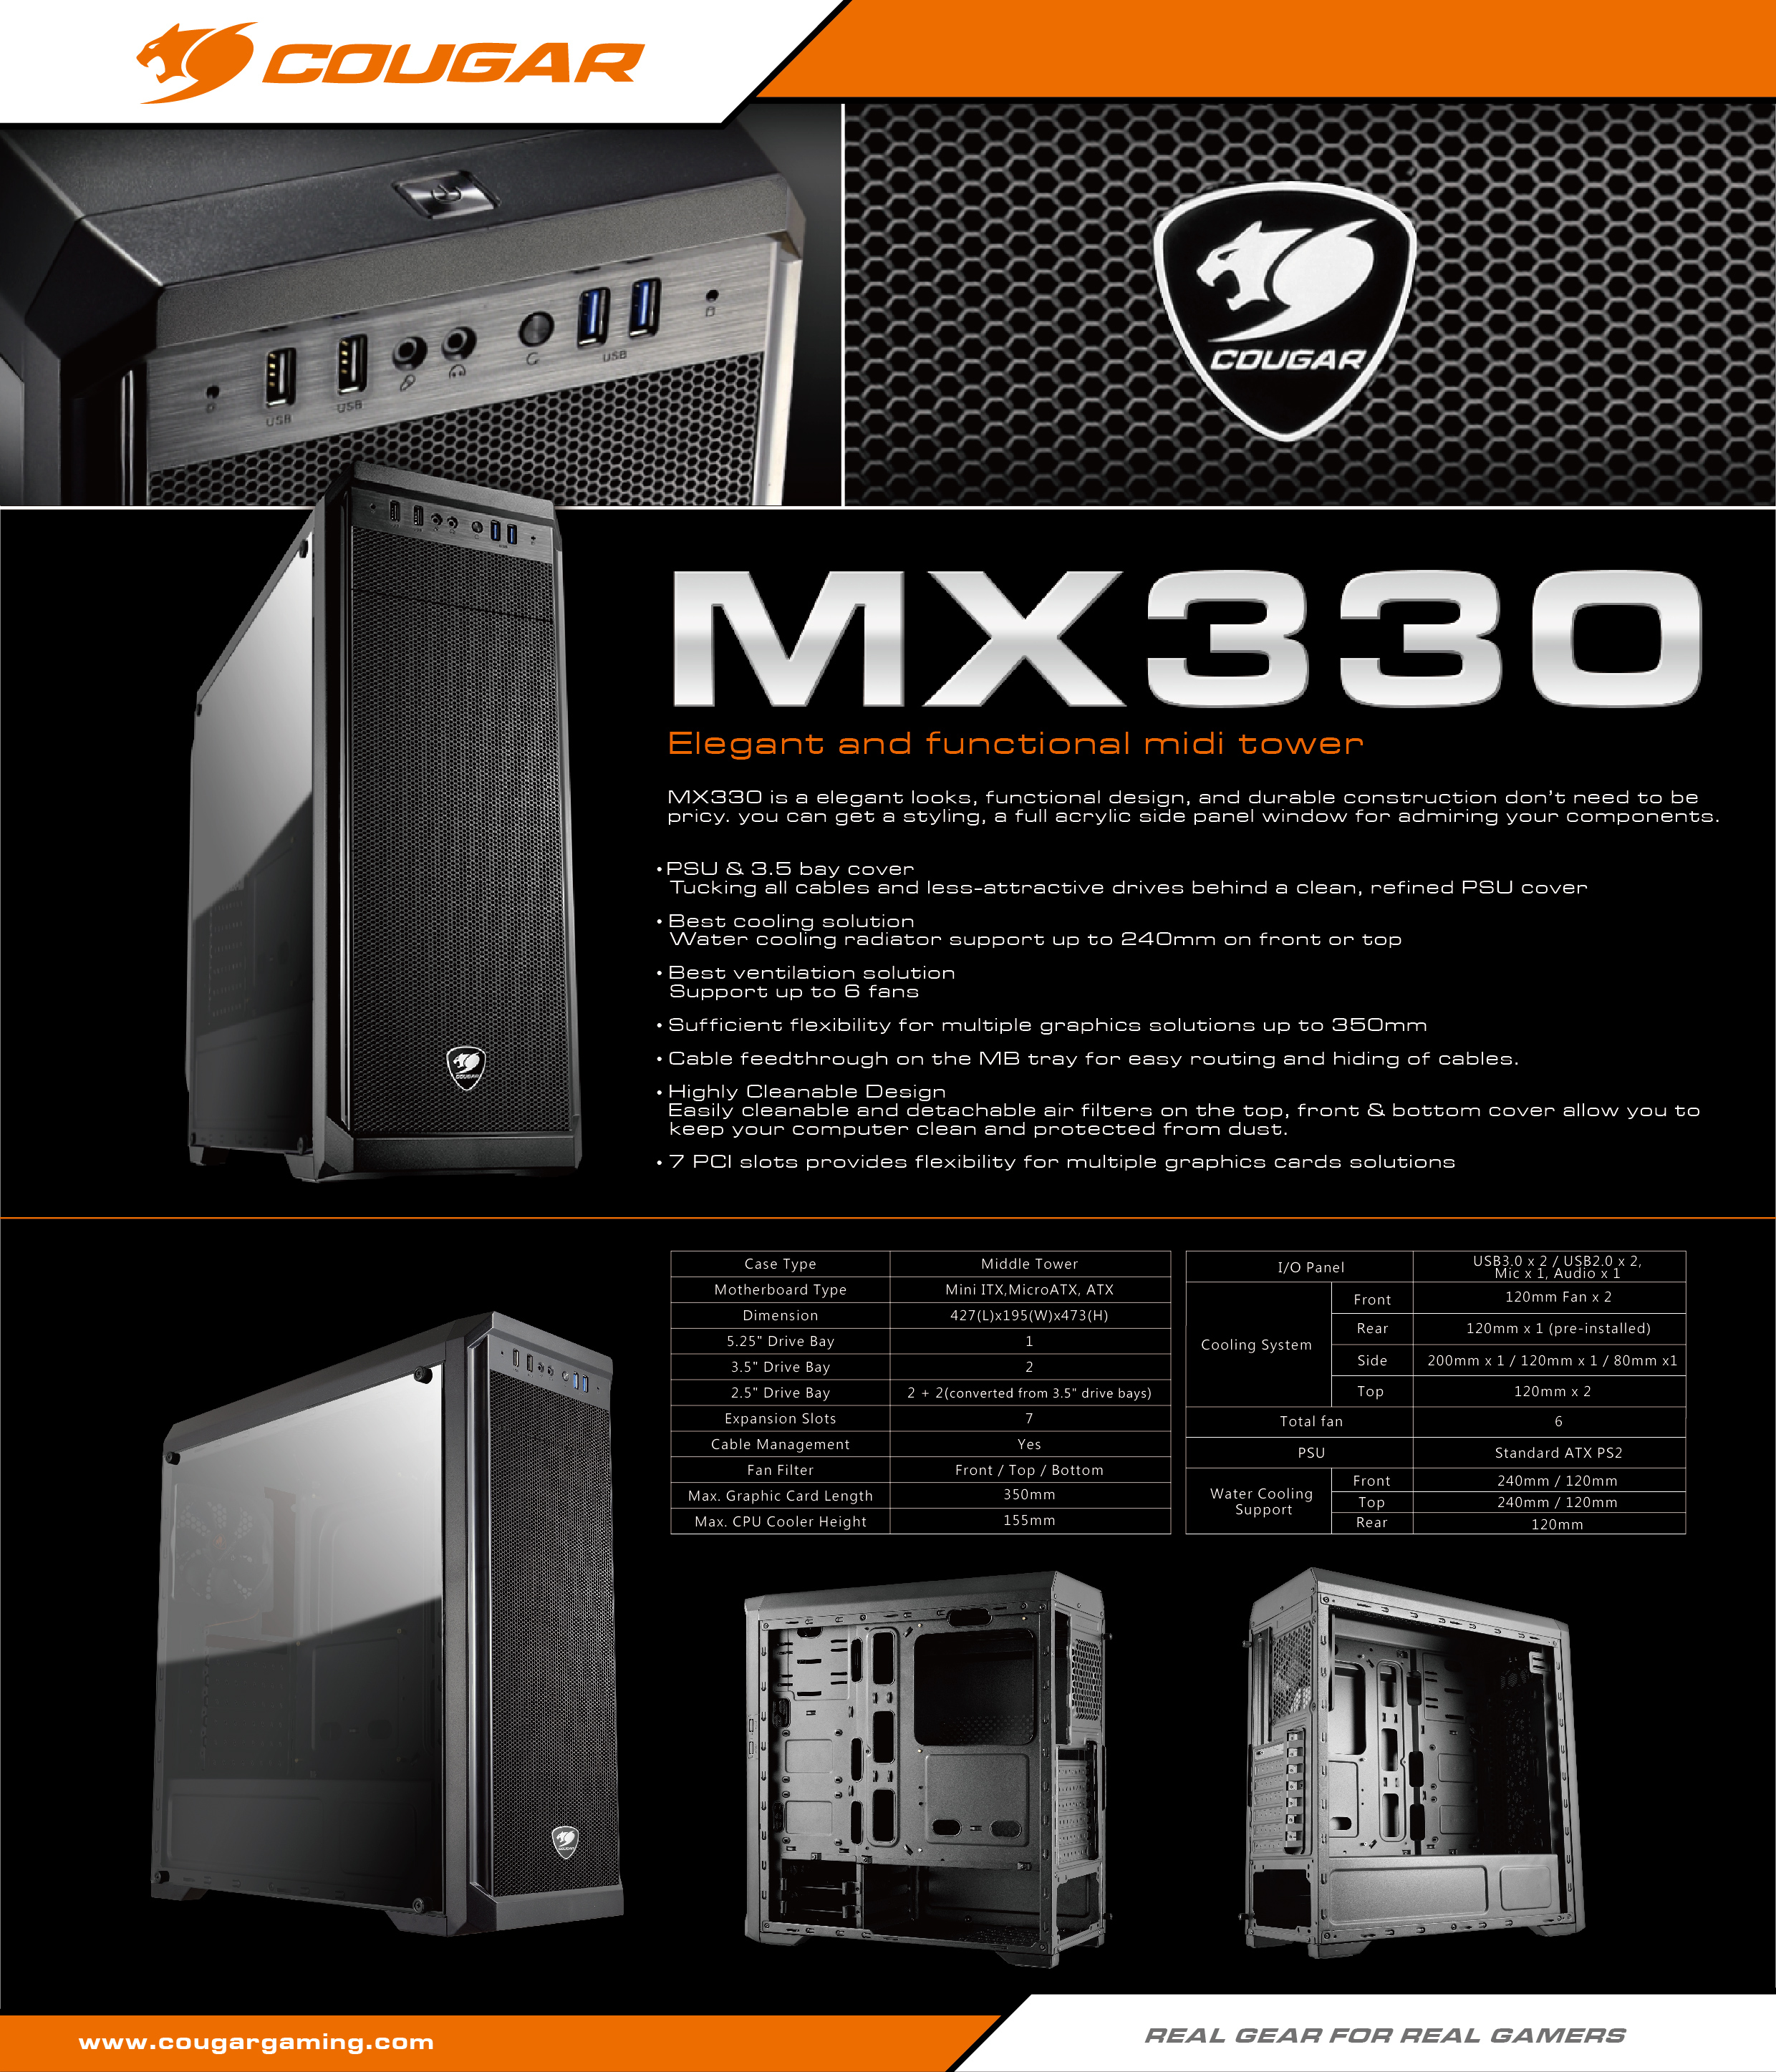 Resultado de imagen para fotos gabinete cougar mx 330